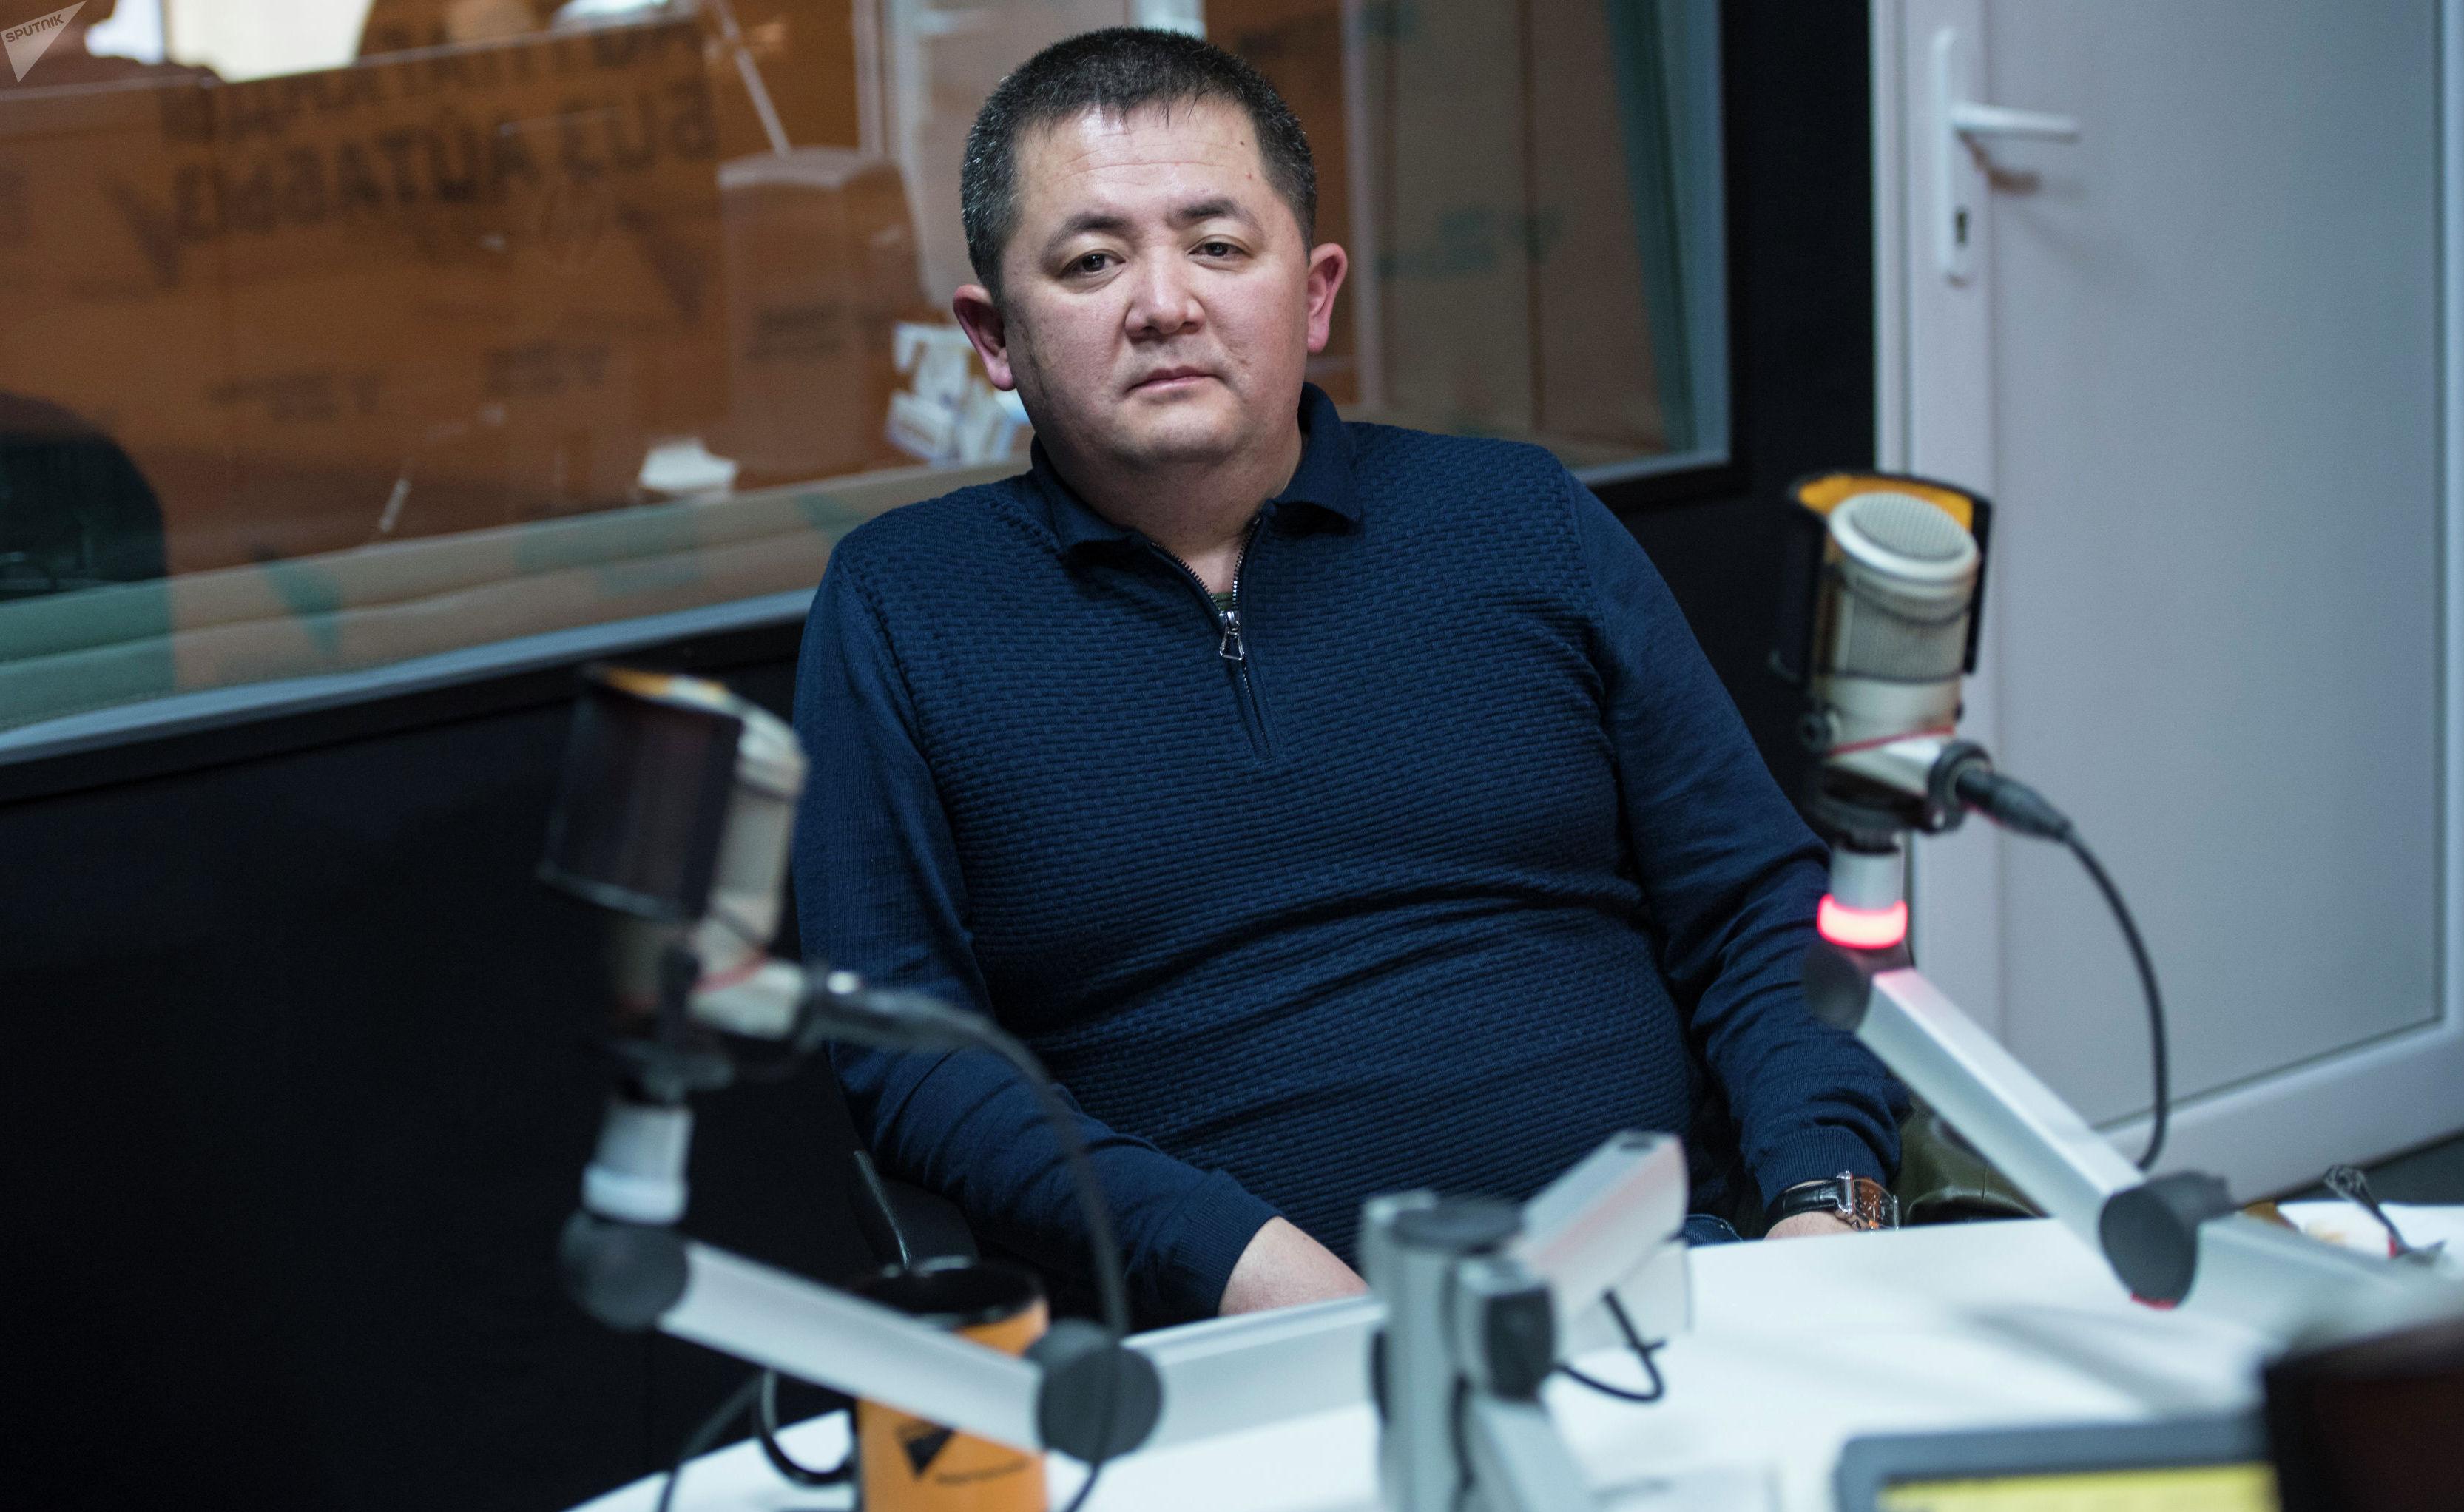 Бизнесмен Токтобек Акматов во время интервью на радиостудии Sputnik Кыргызстан